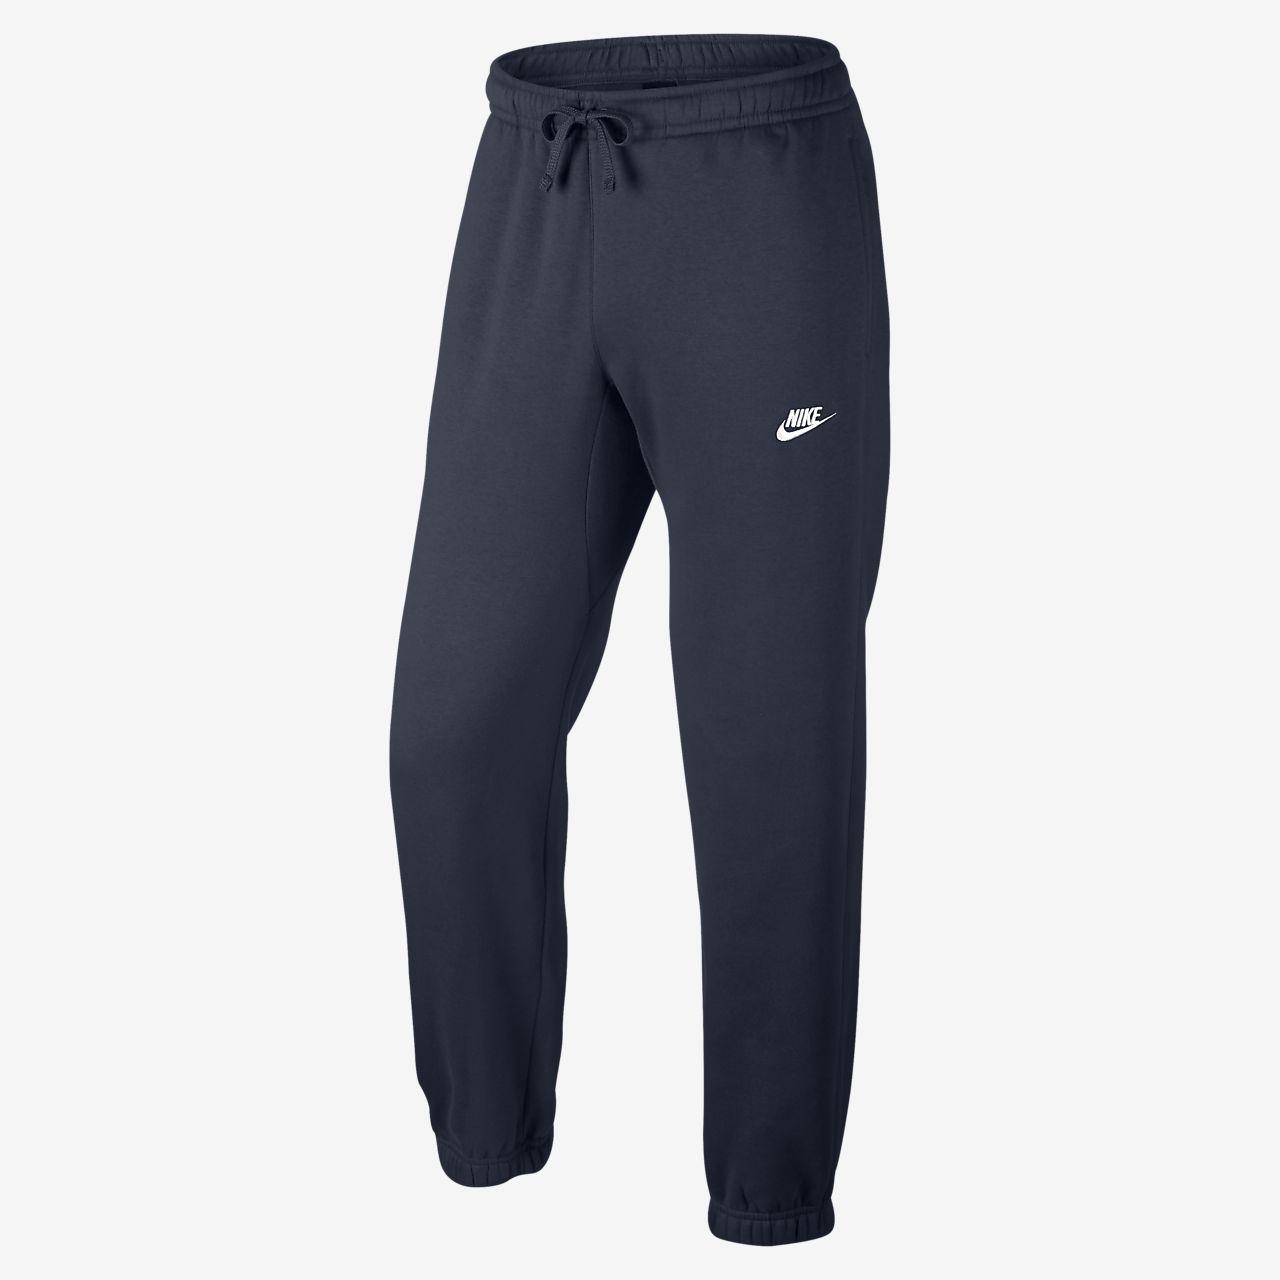 It Con Fit Standard Uomo Sportswear In Nike Pantaloni Fleece q71ZEOw8